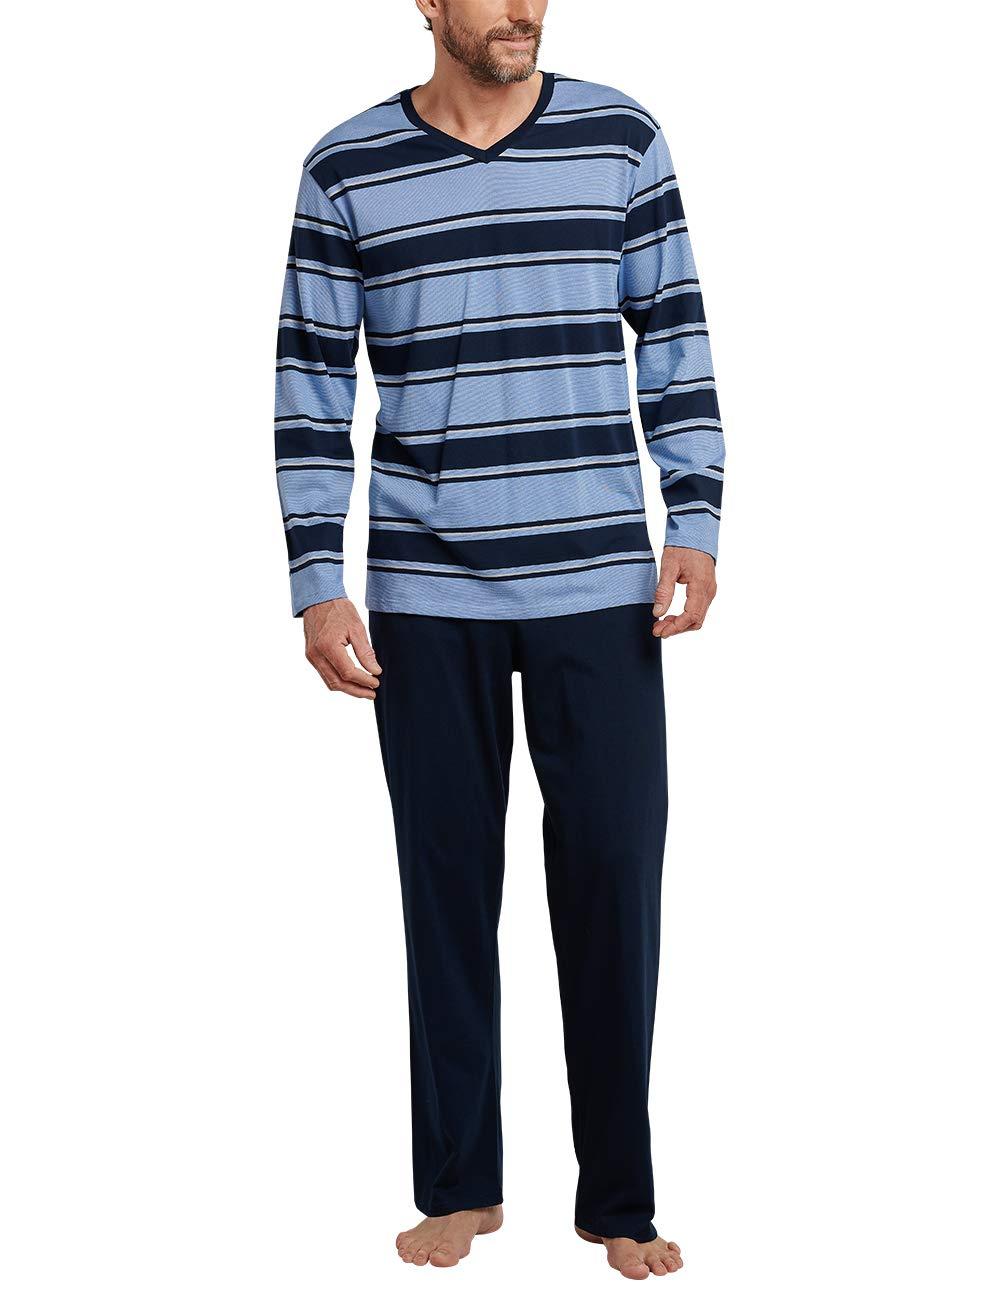 Du Lang Pyjama Schiesser Fabricant048 Ensemble Schlafanzug De HommeBleu800Smalltaille 43Rj5AL